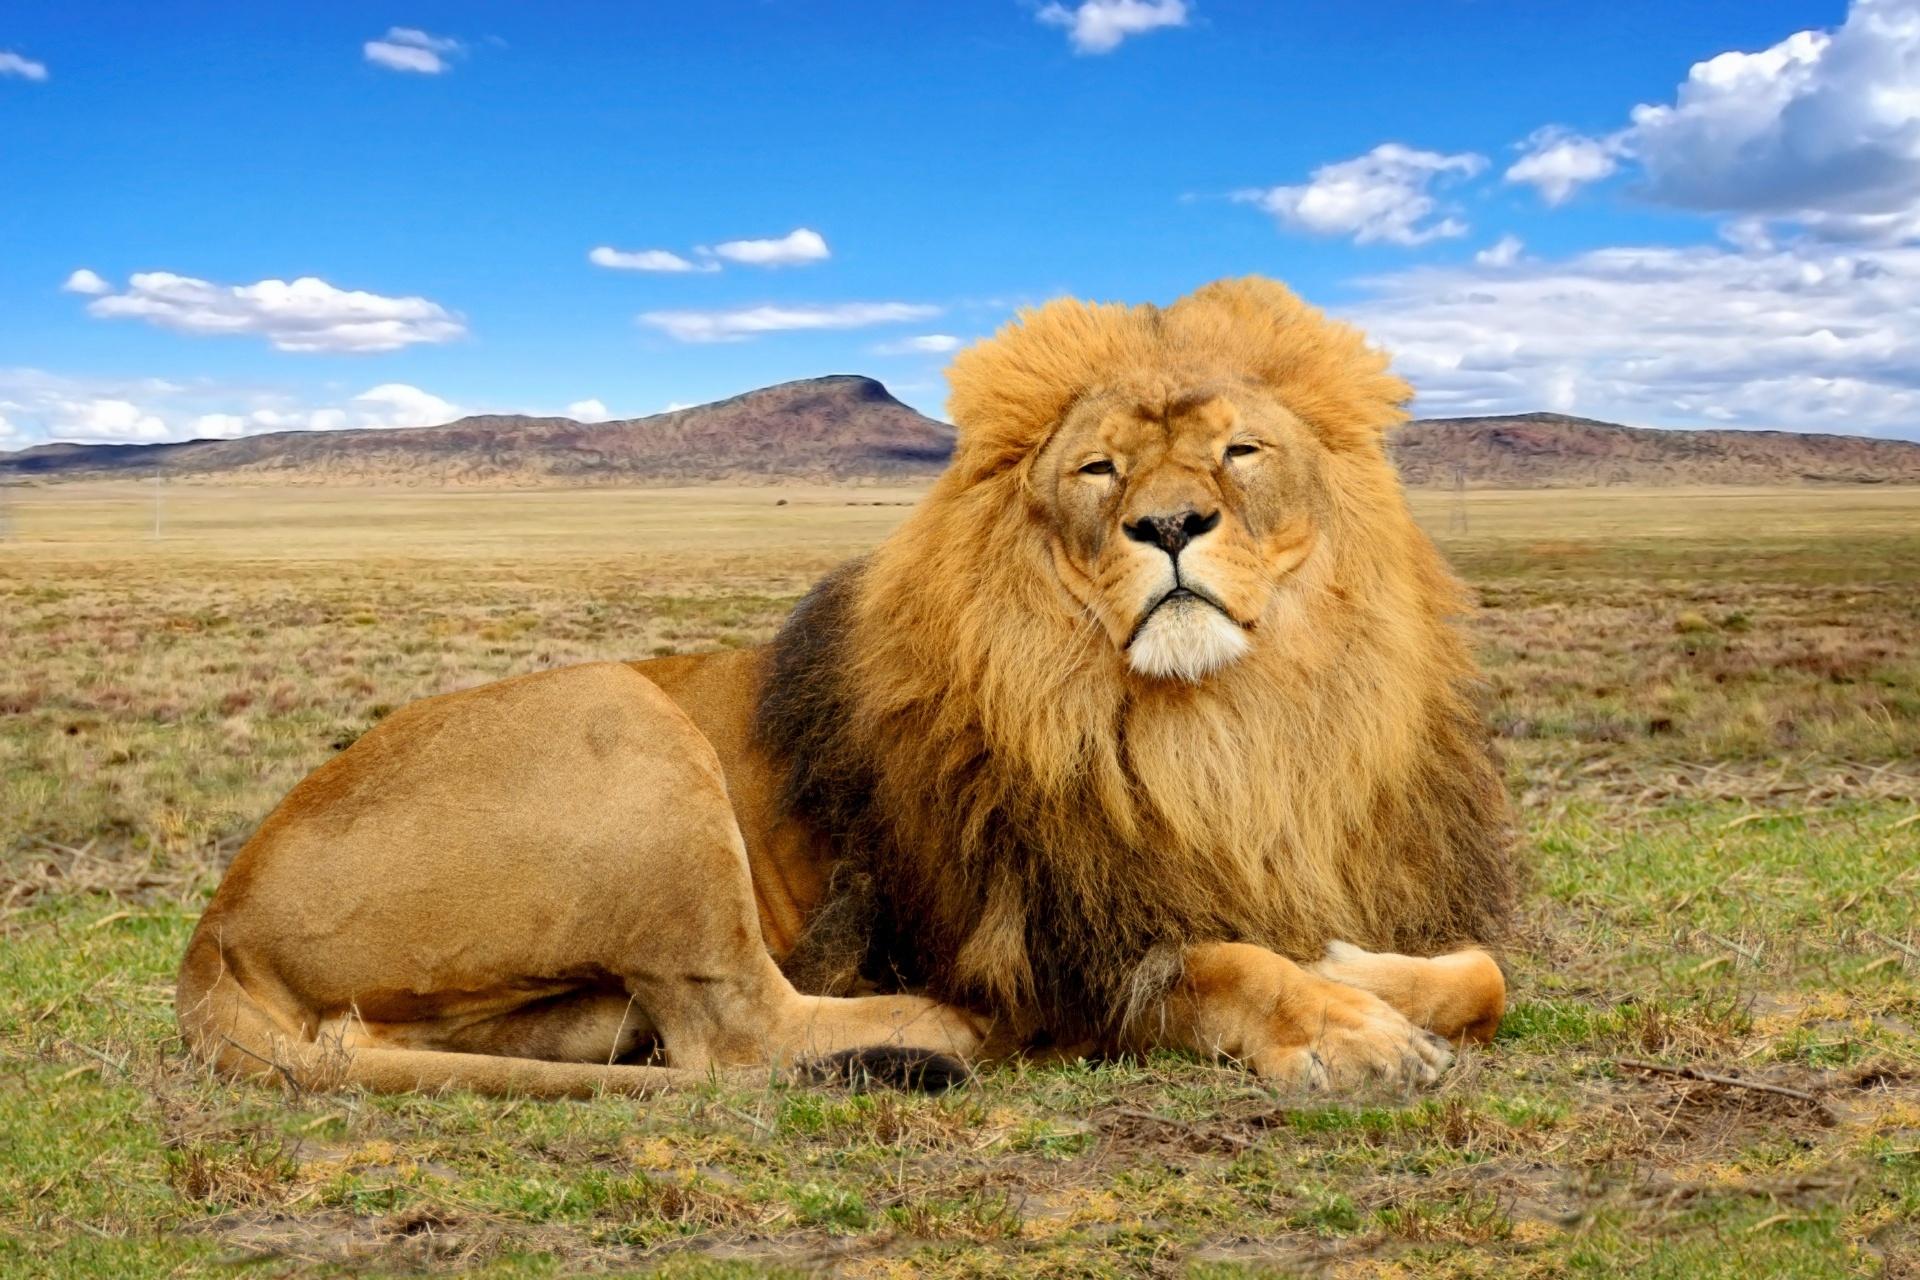 サバンナのライオン 南アフリカの風景